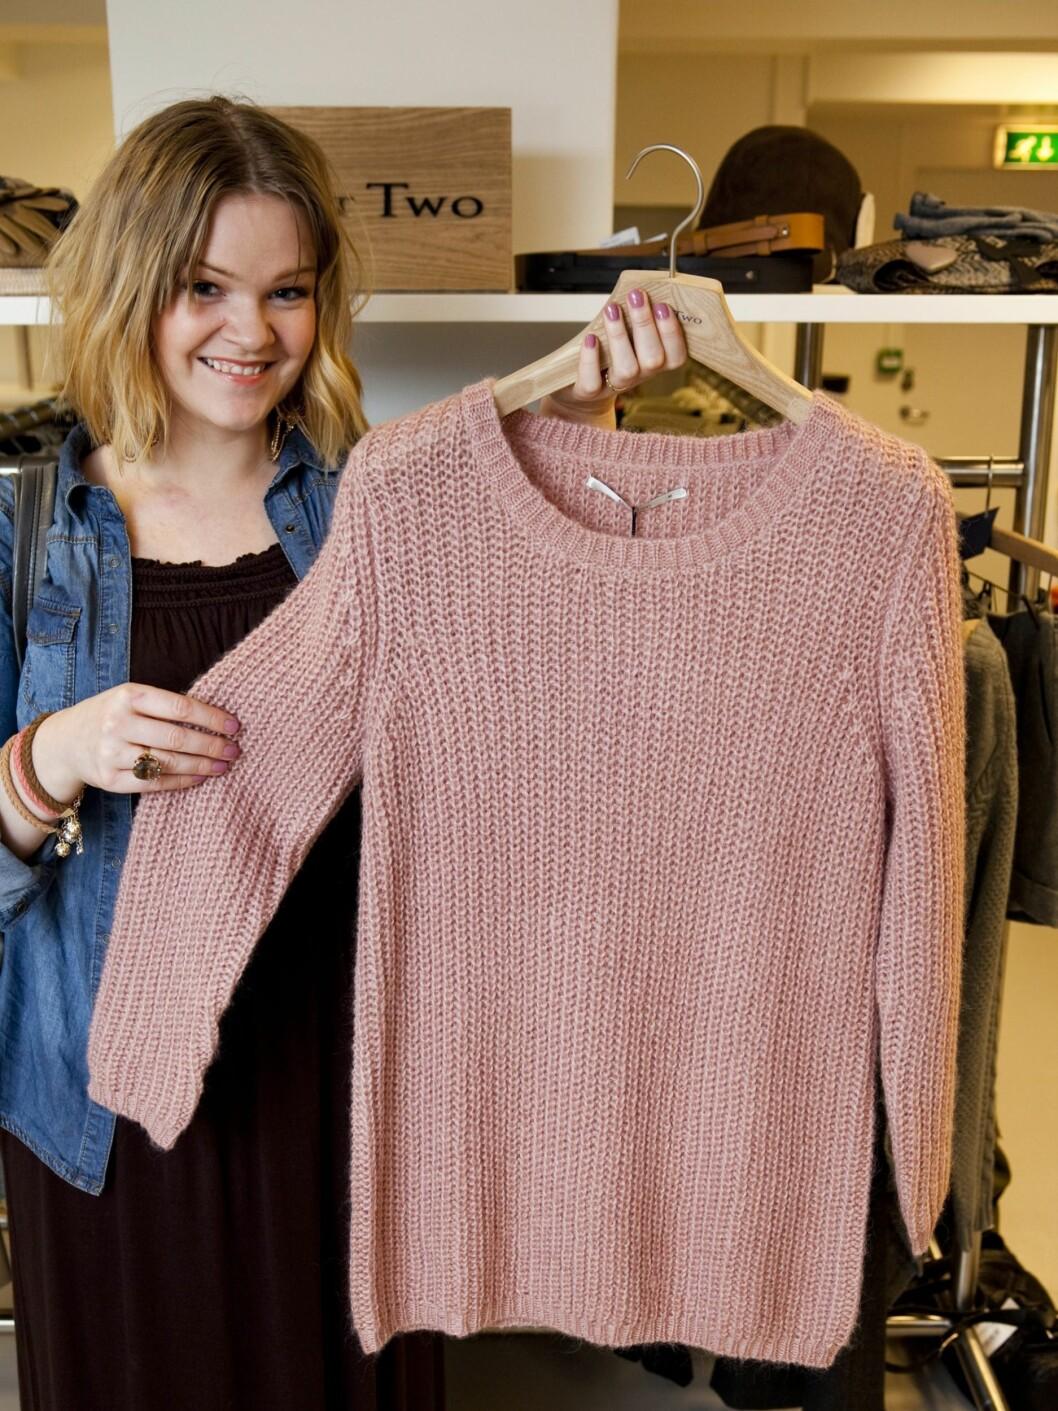 – Grov strikk er noe av det aller beste med høsten, og denne duse rosa genseren ser ut som noe jeg godt kunne flyttet inn i på kalde hjemmekvelder. Sammen med smale jeans og boots, blir den også fin til en avslappet dag på kontoret.  Foto: Per Ervland